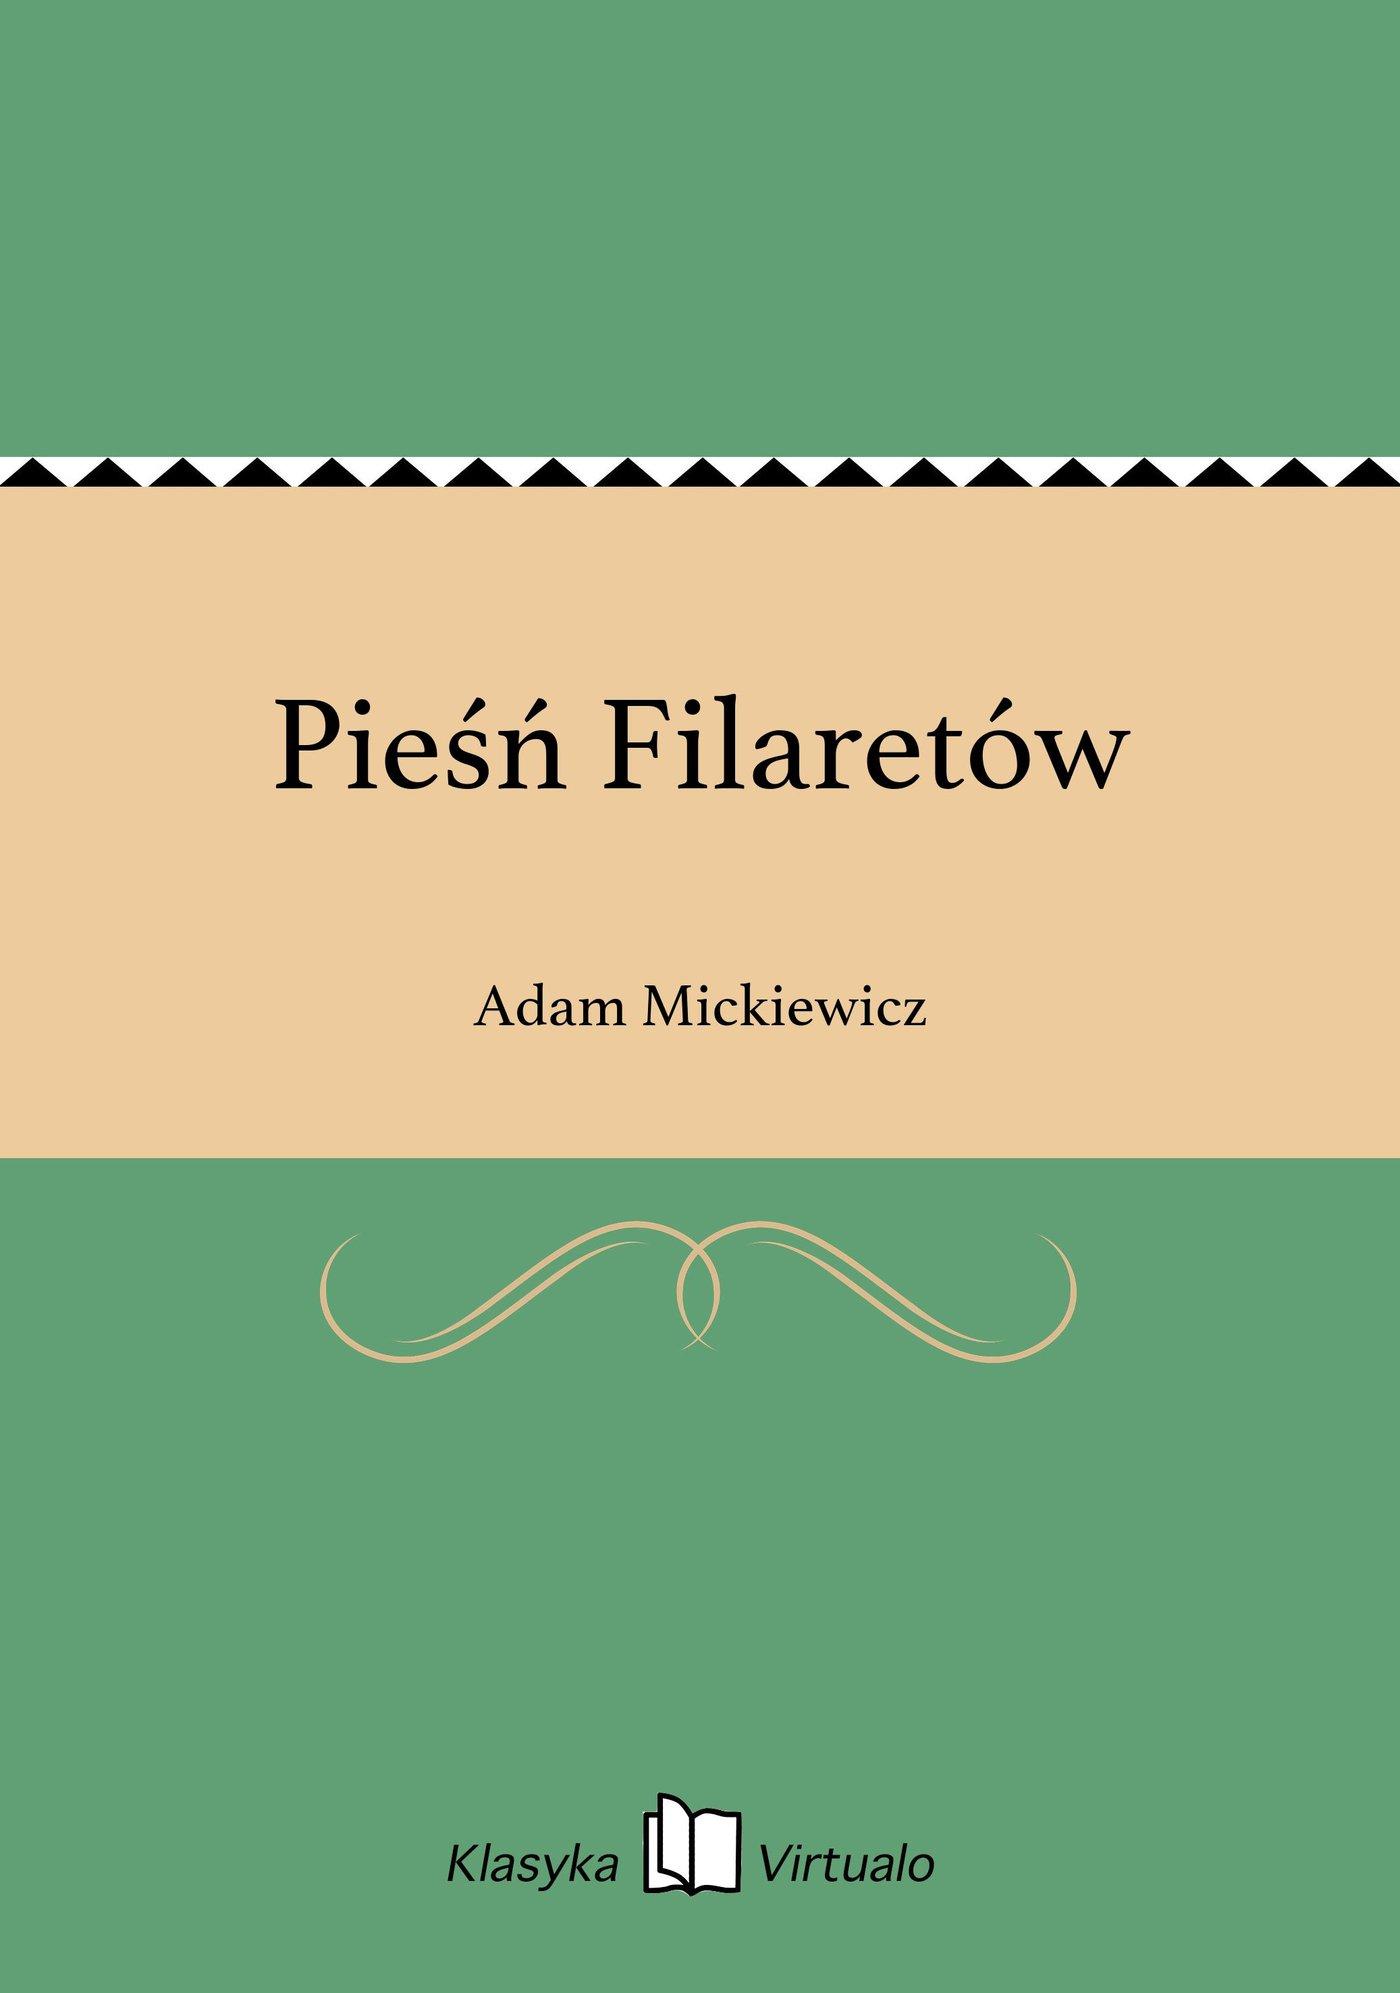 Pieśń Filaretów - Ebook (Książka EPUB) do pobrania w formacie EPUB